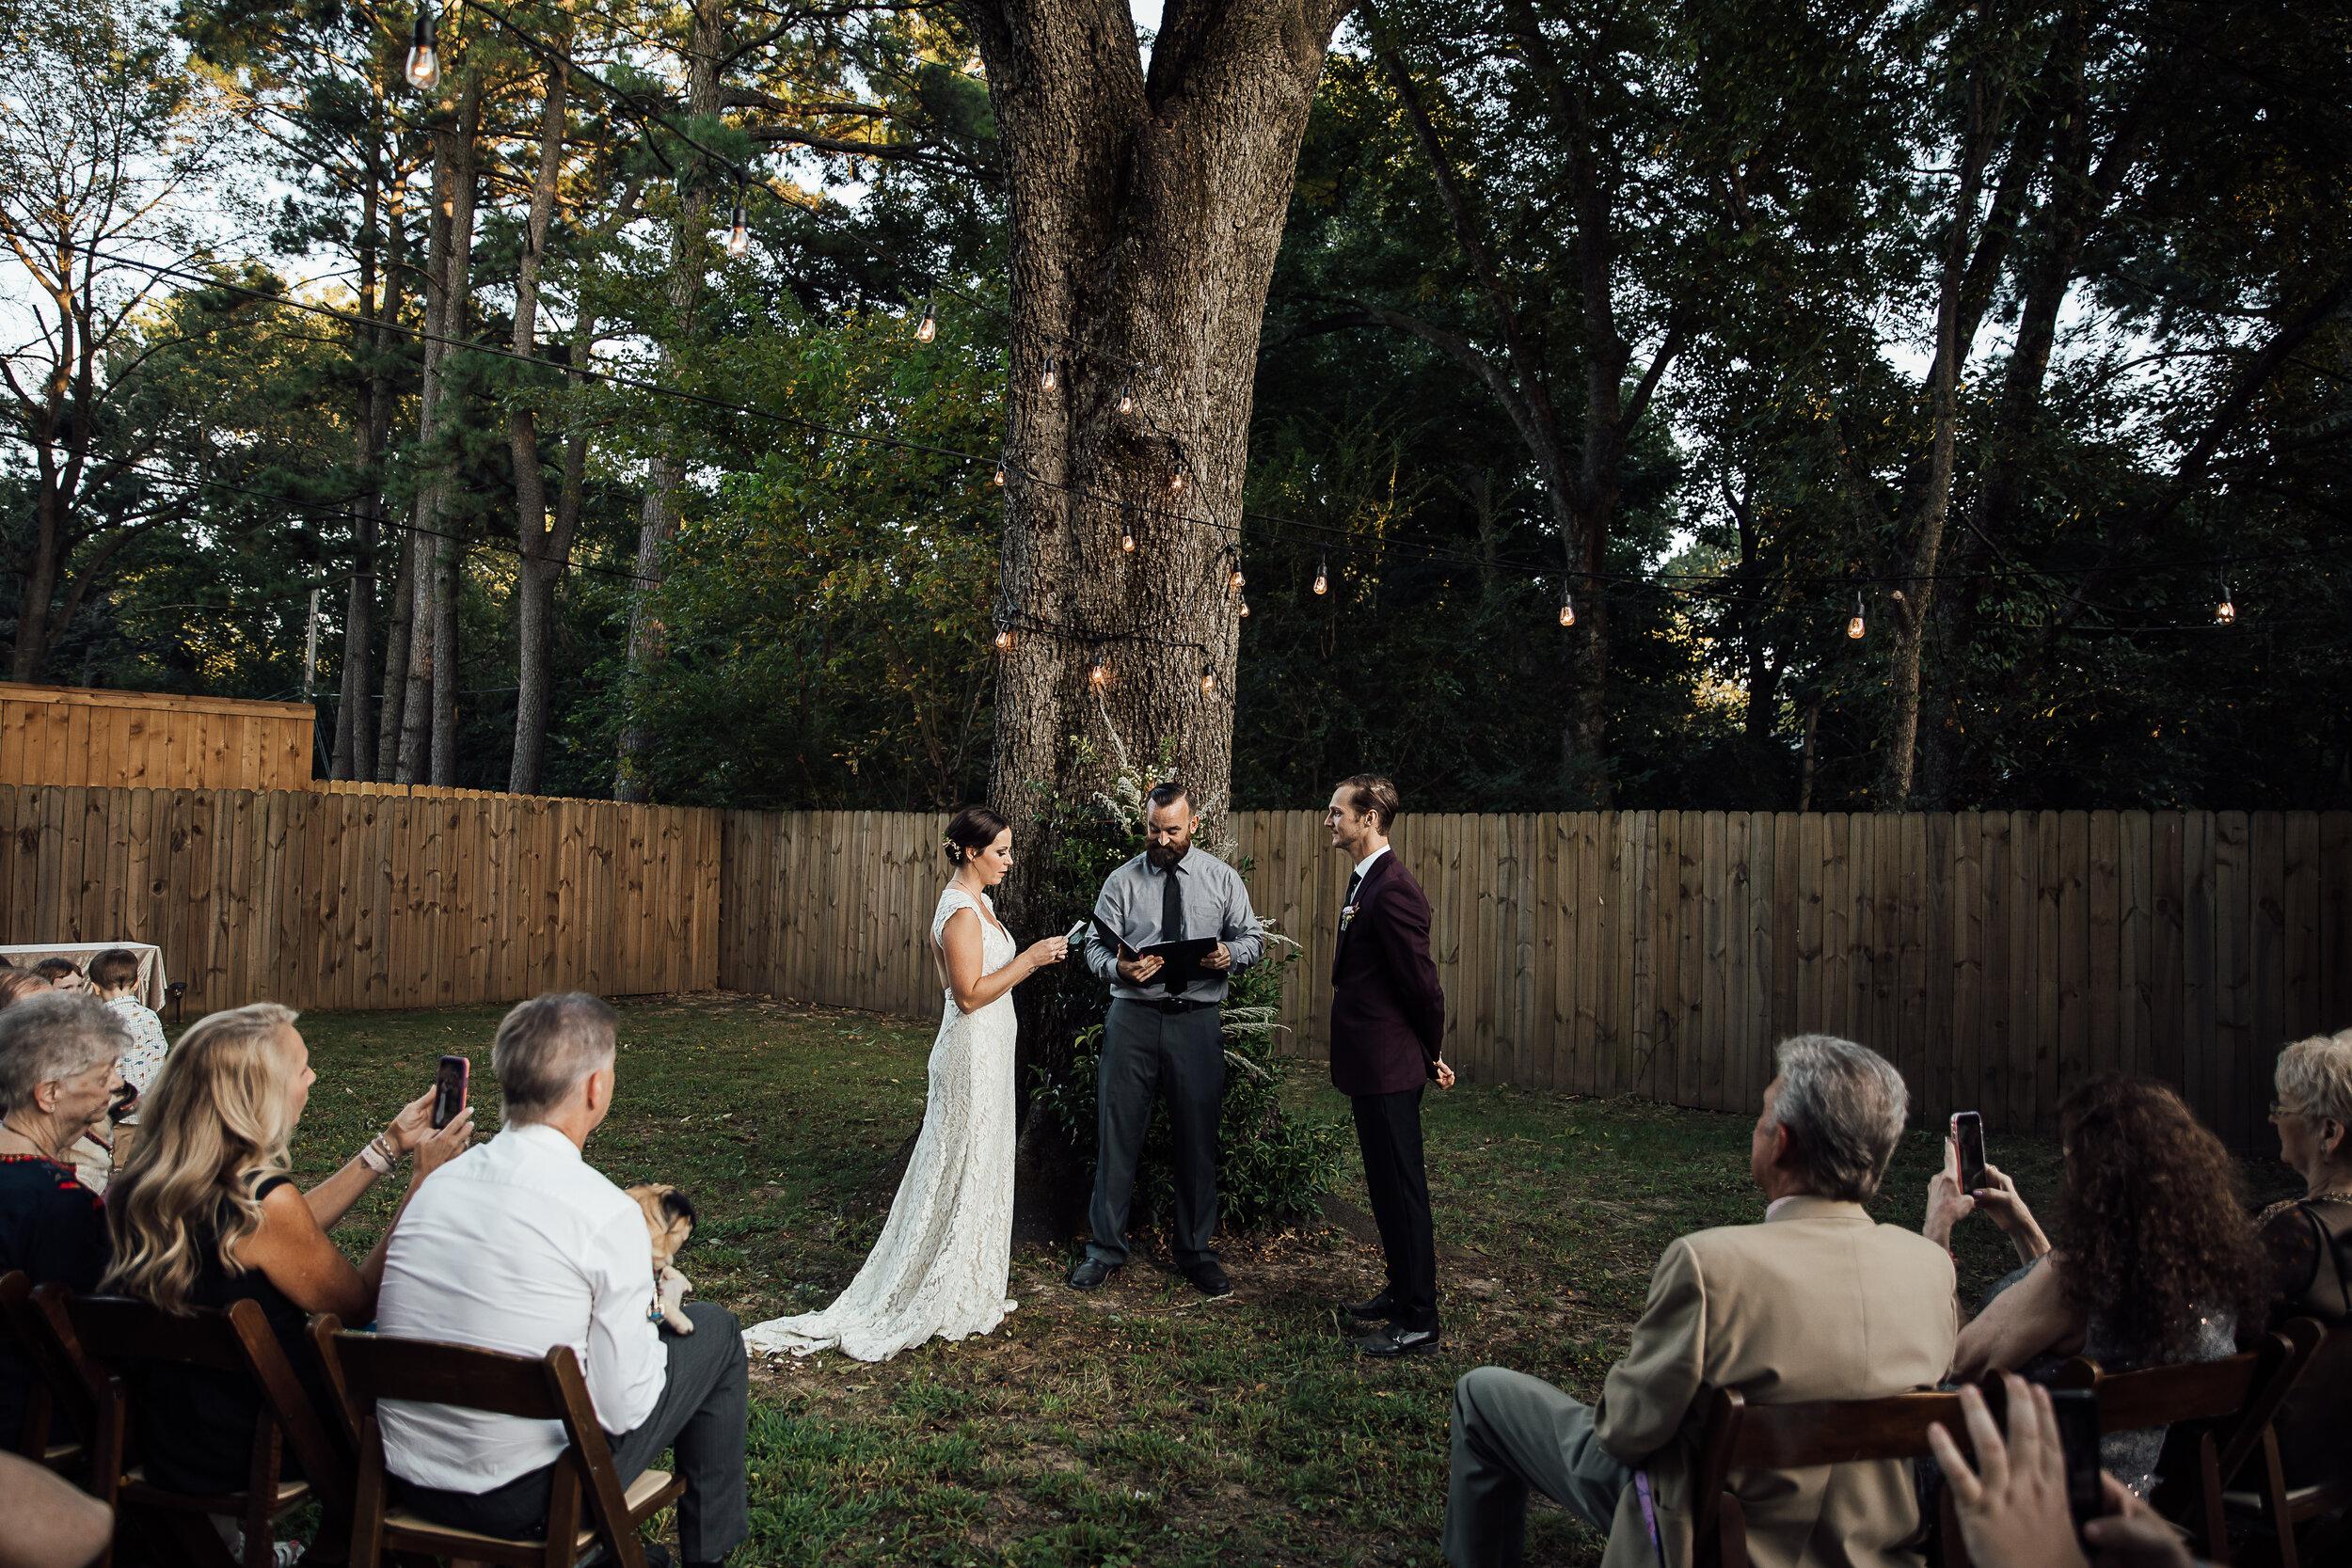 Allison-and-Wesley-Memphis-Backyard-Wedding-TheWarmthAroundYou-44.jpg